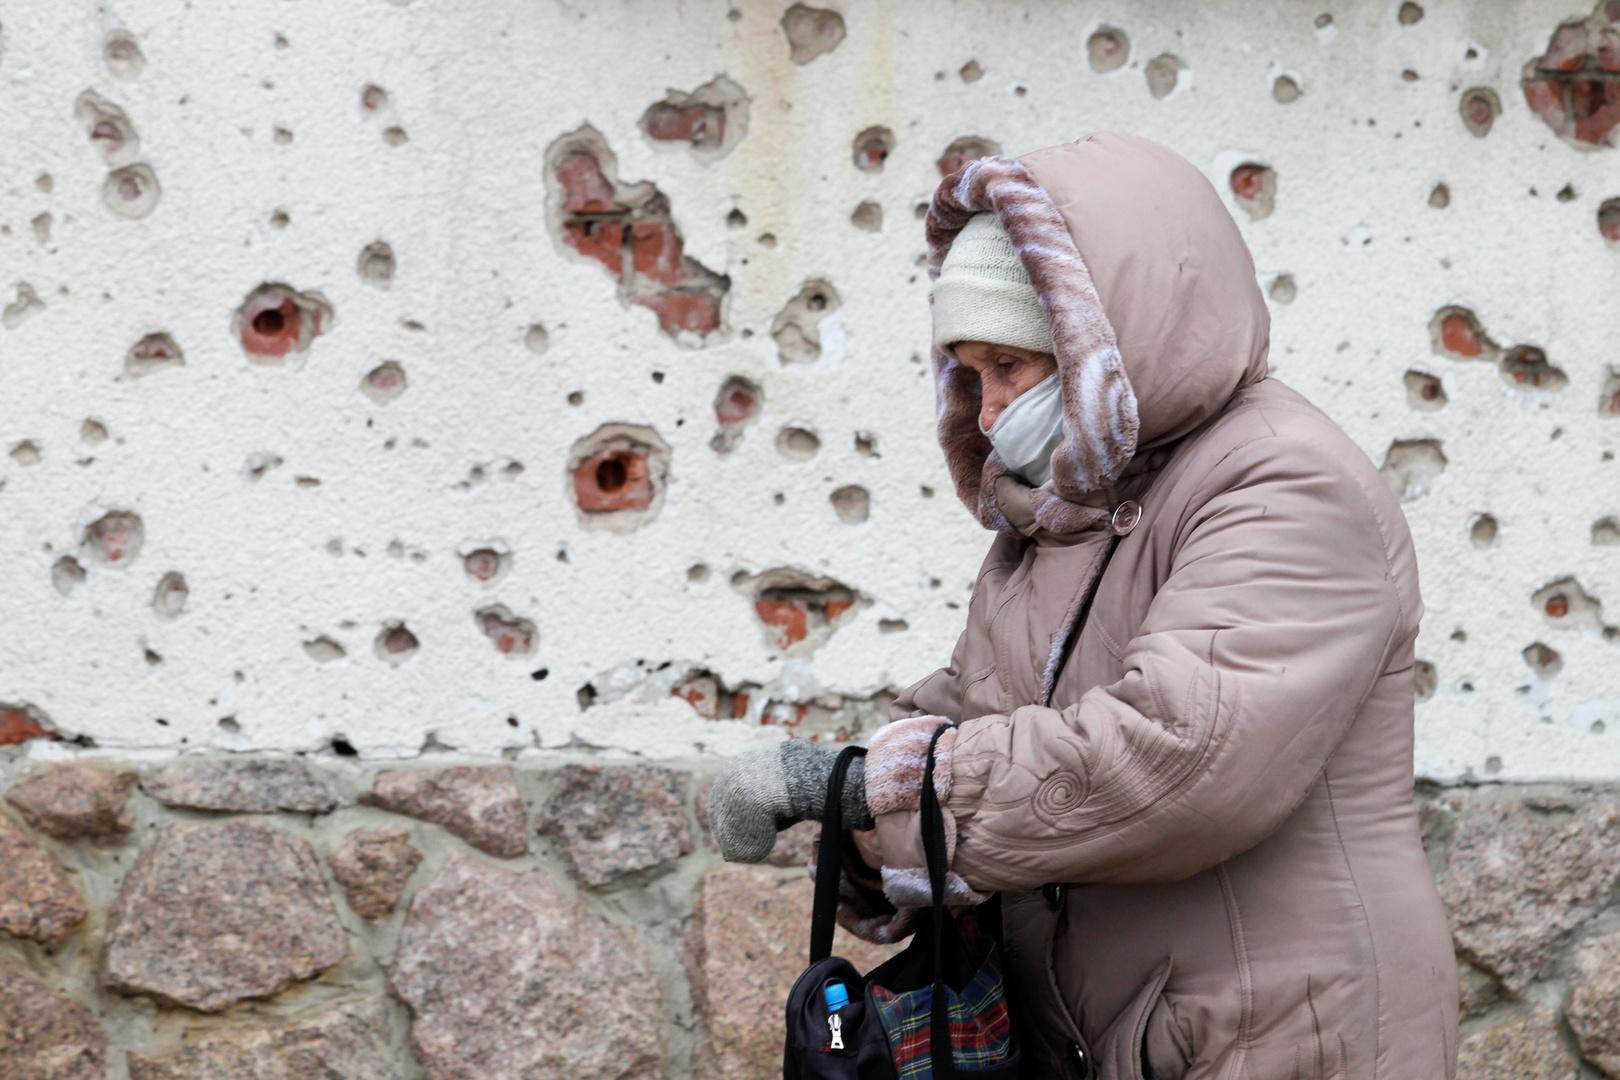 كلاشنيكوف: إذا هاجمت كييف دونباس فموسكو ملزمة بحماية نصف مليون من مواطنيها هناك